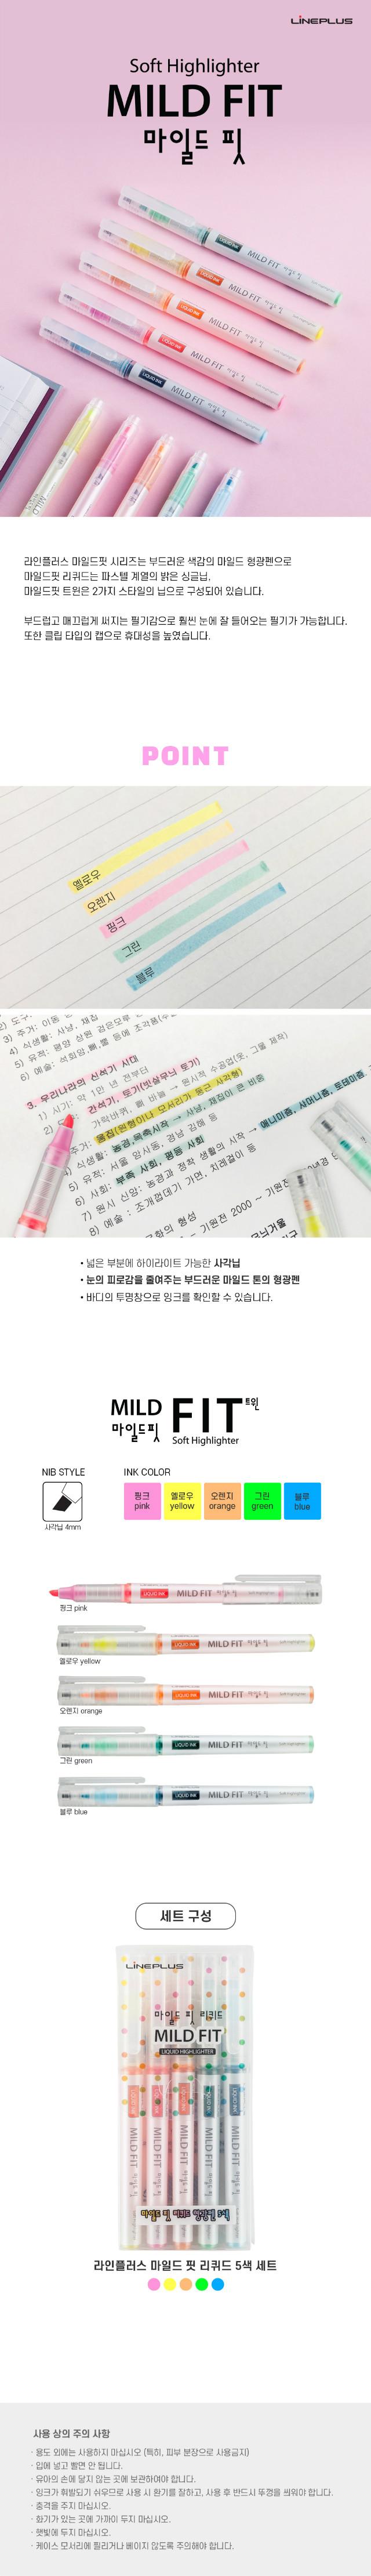 set_mildfit_list.jpg